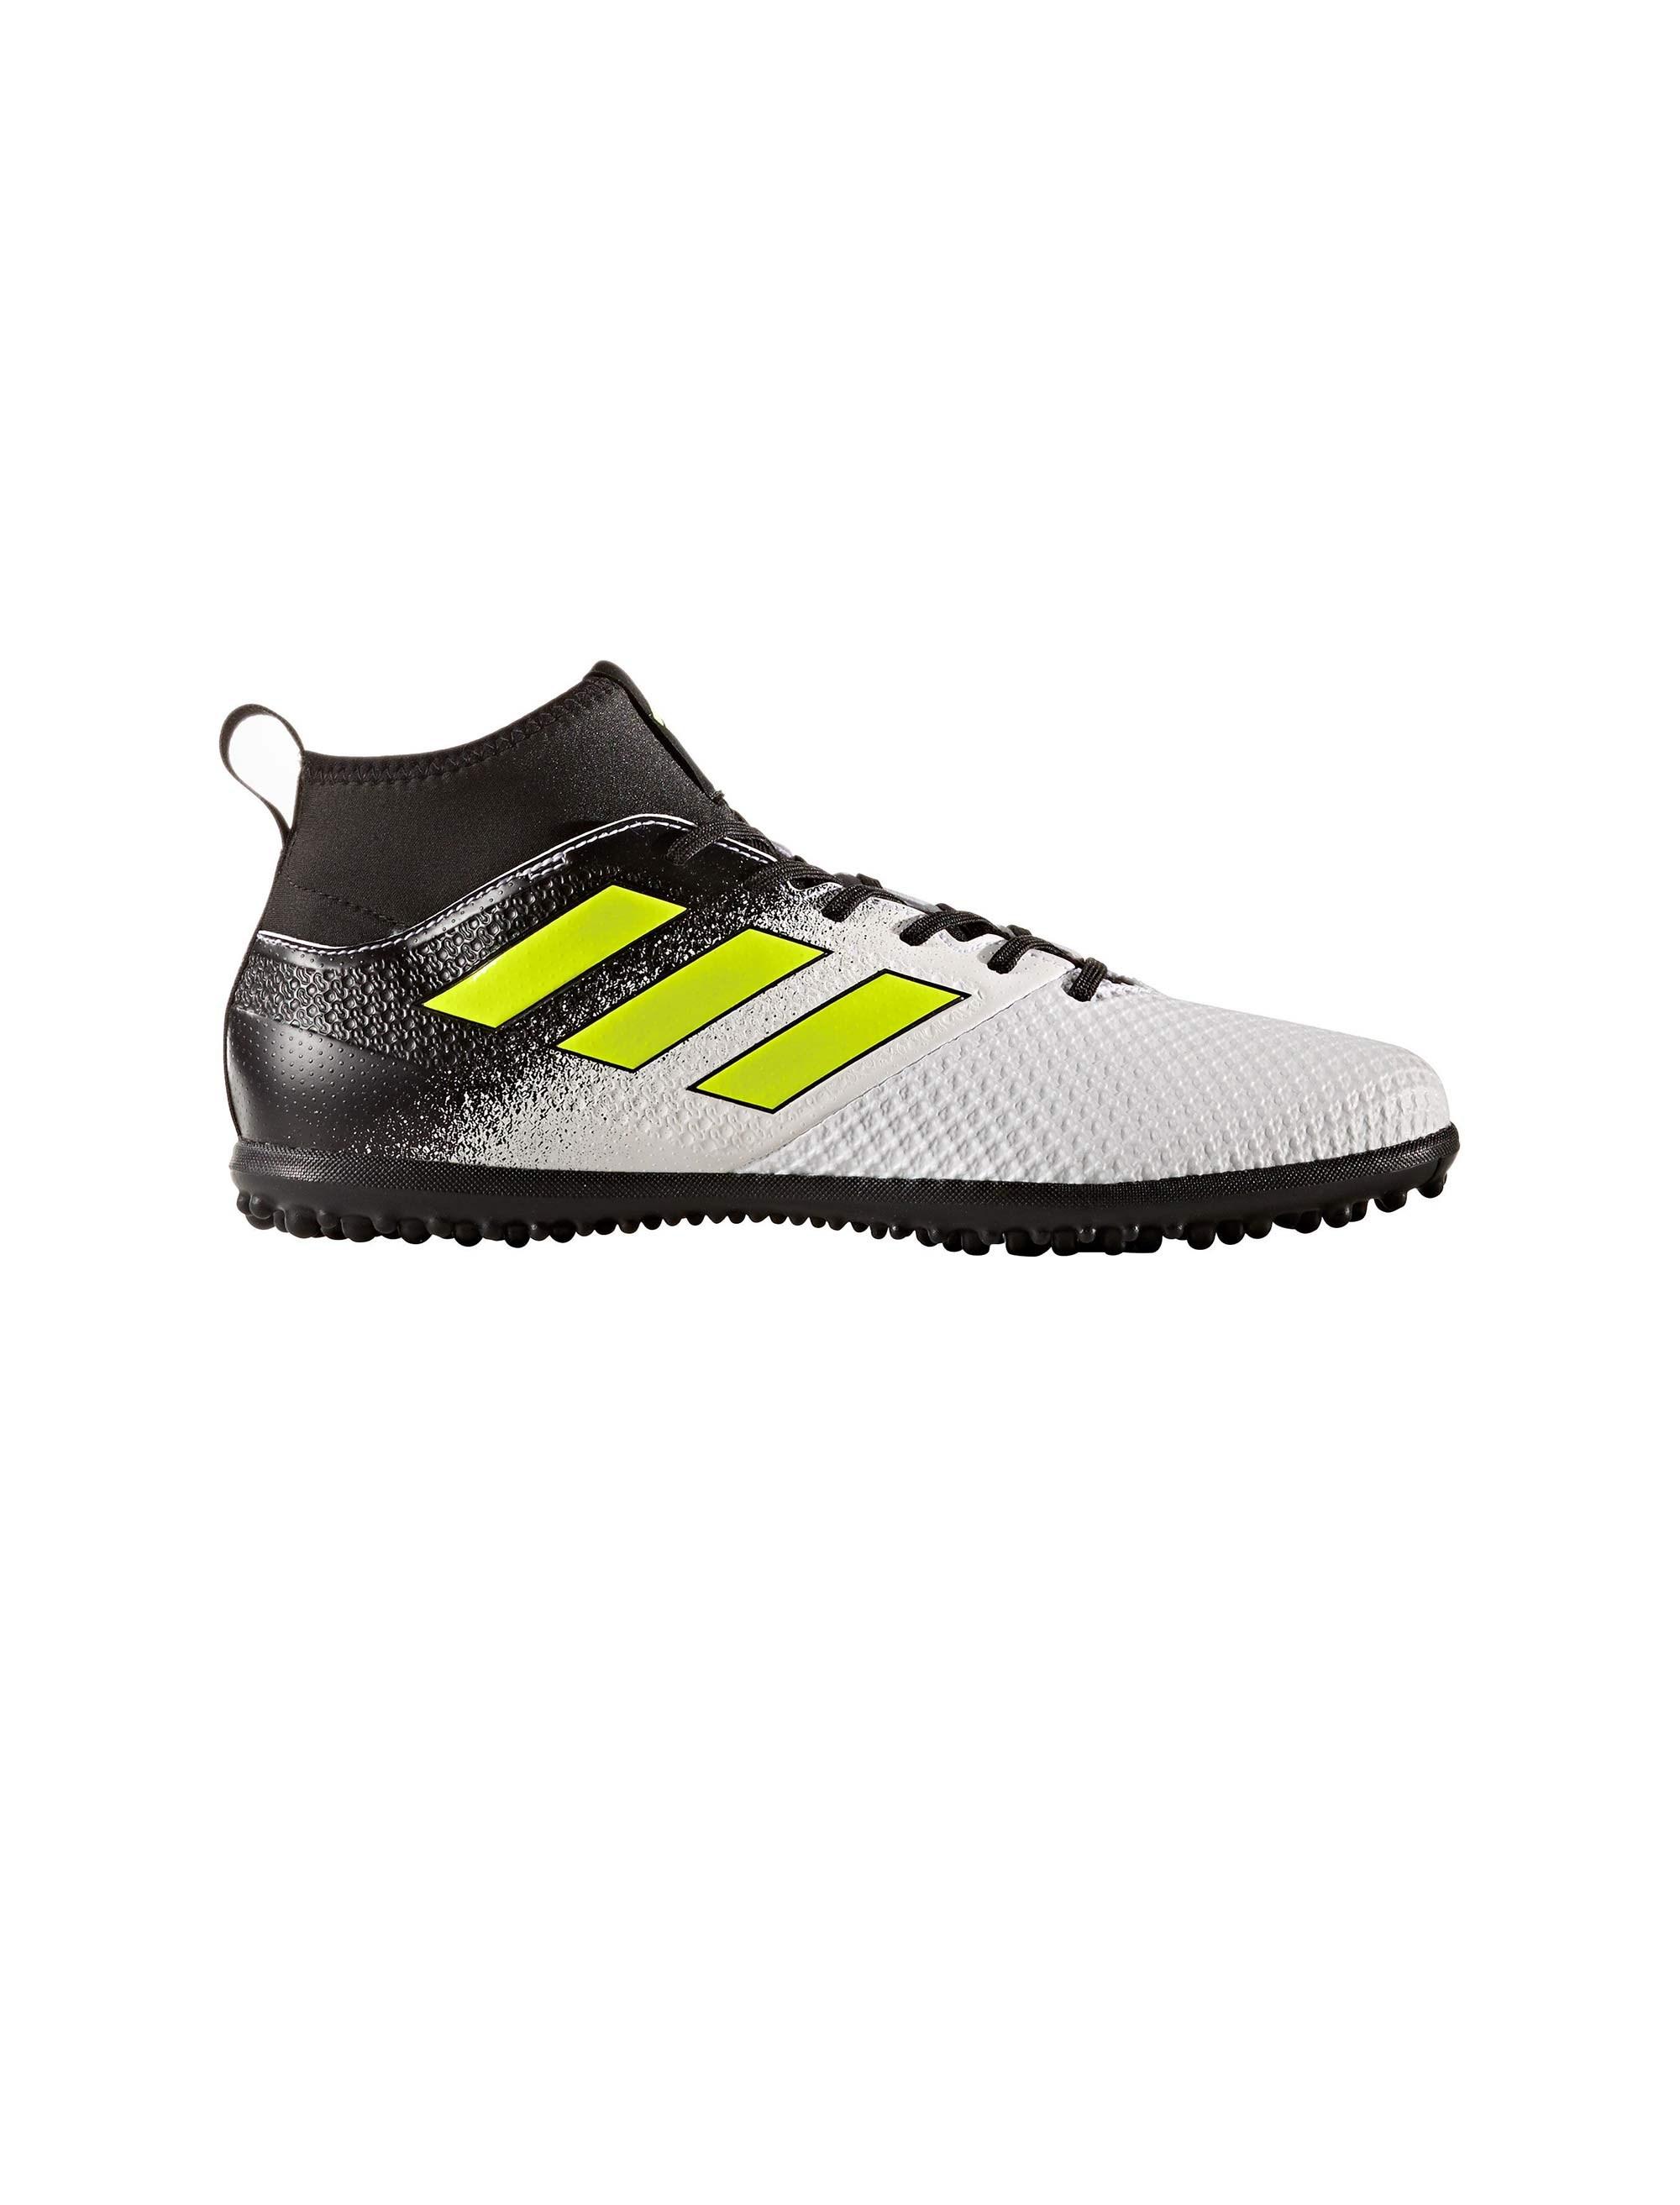 کفش مخصوص فوتبال مردانه آدیداس مدل ACE Tango 17-3 TF